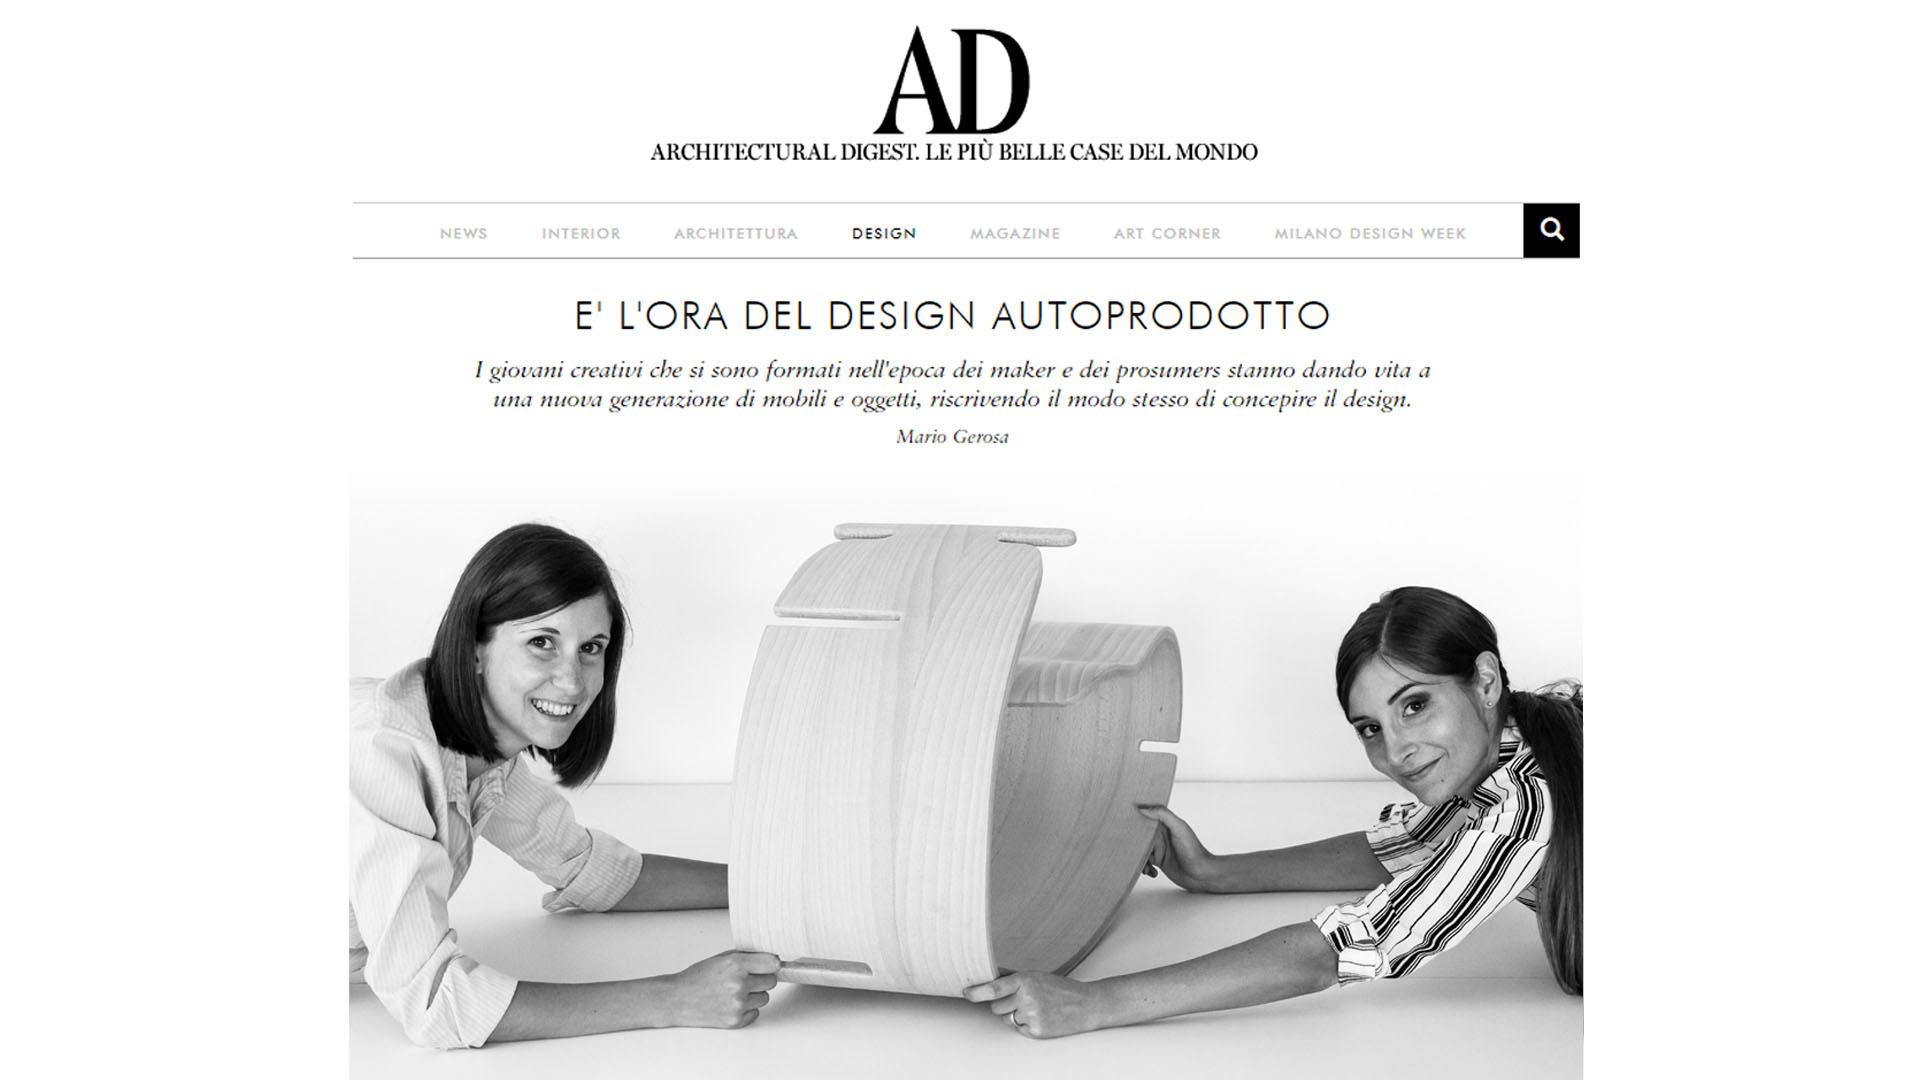 Schermata dell'articolo sul sito web di AD Italia dove si parla di design autoprodotto.